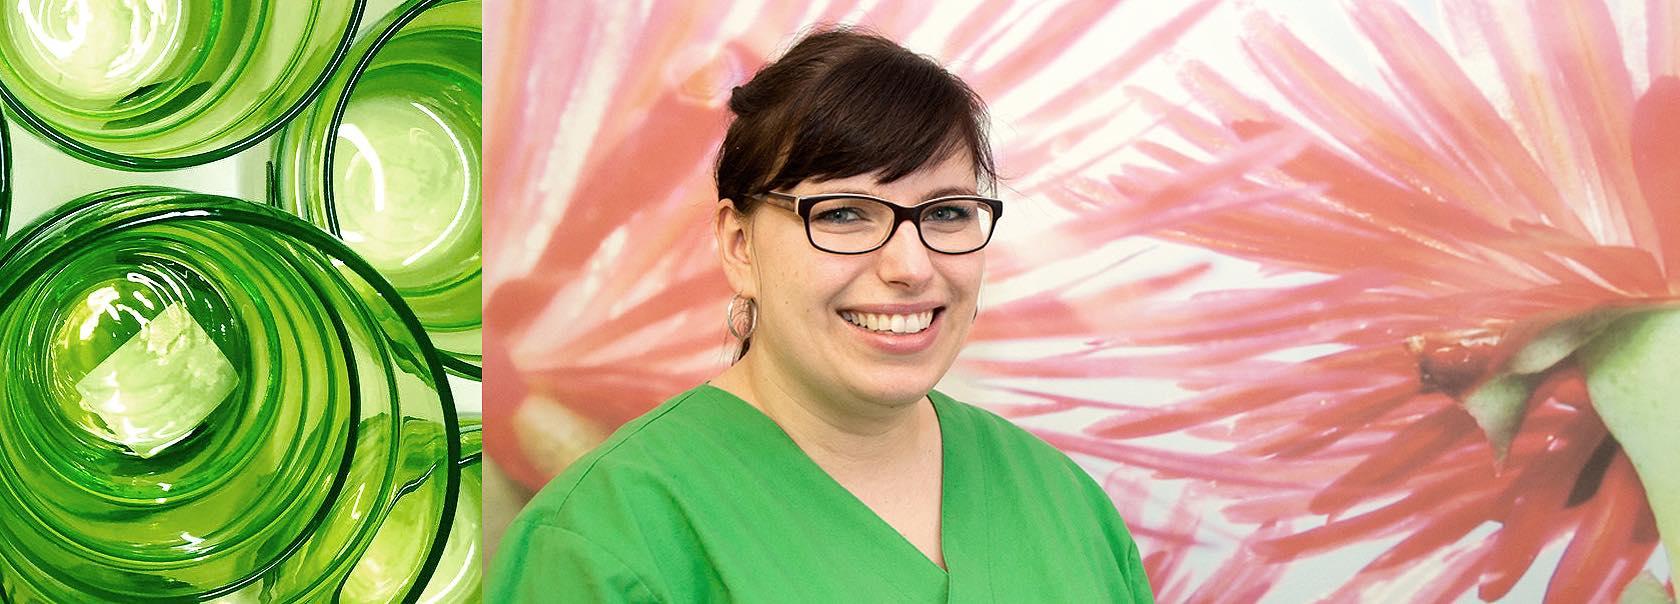 ��.�zfa�f��*�f�x�_Team:Dr.HeikeBüchner|Zahnärztin